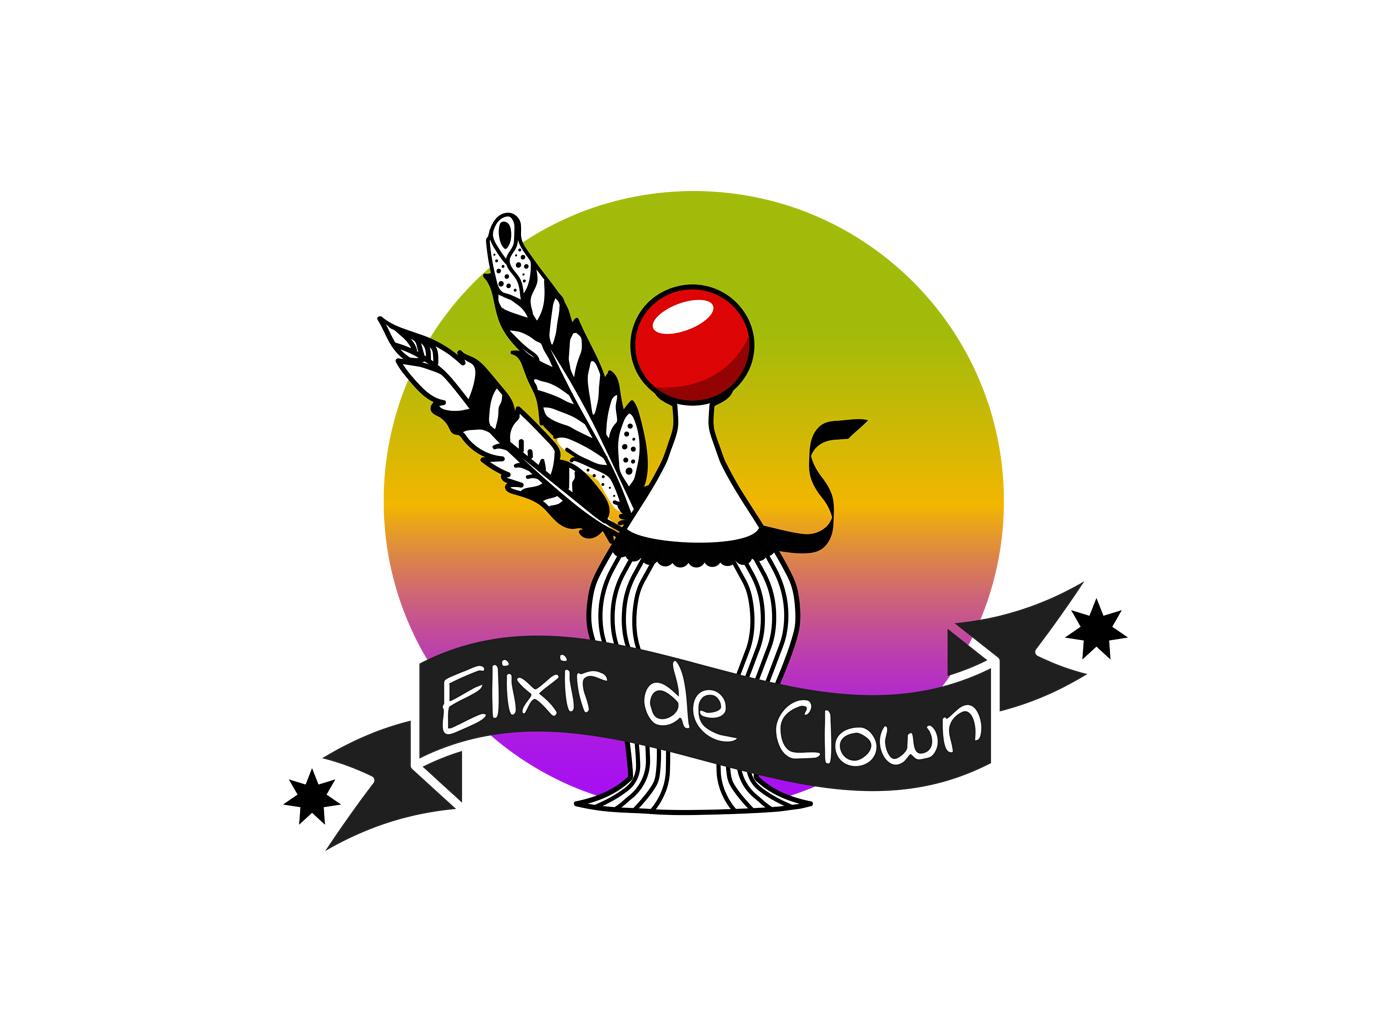 Elixir de Clown